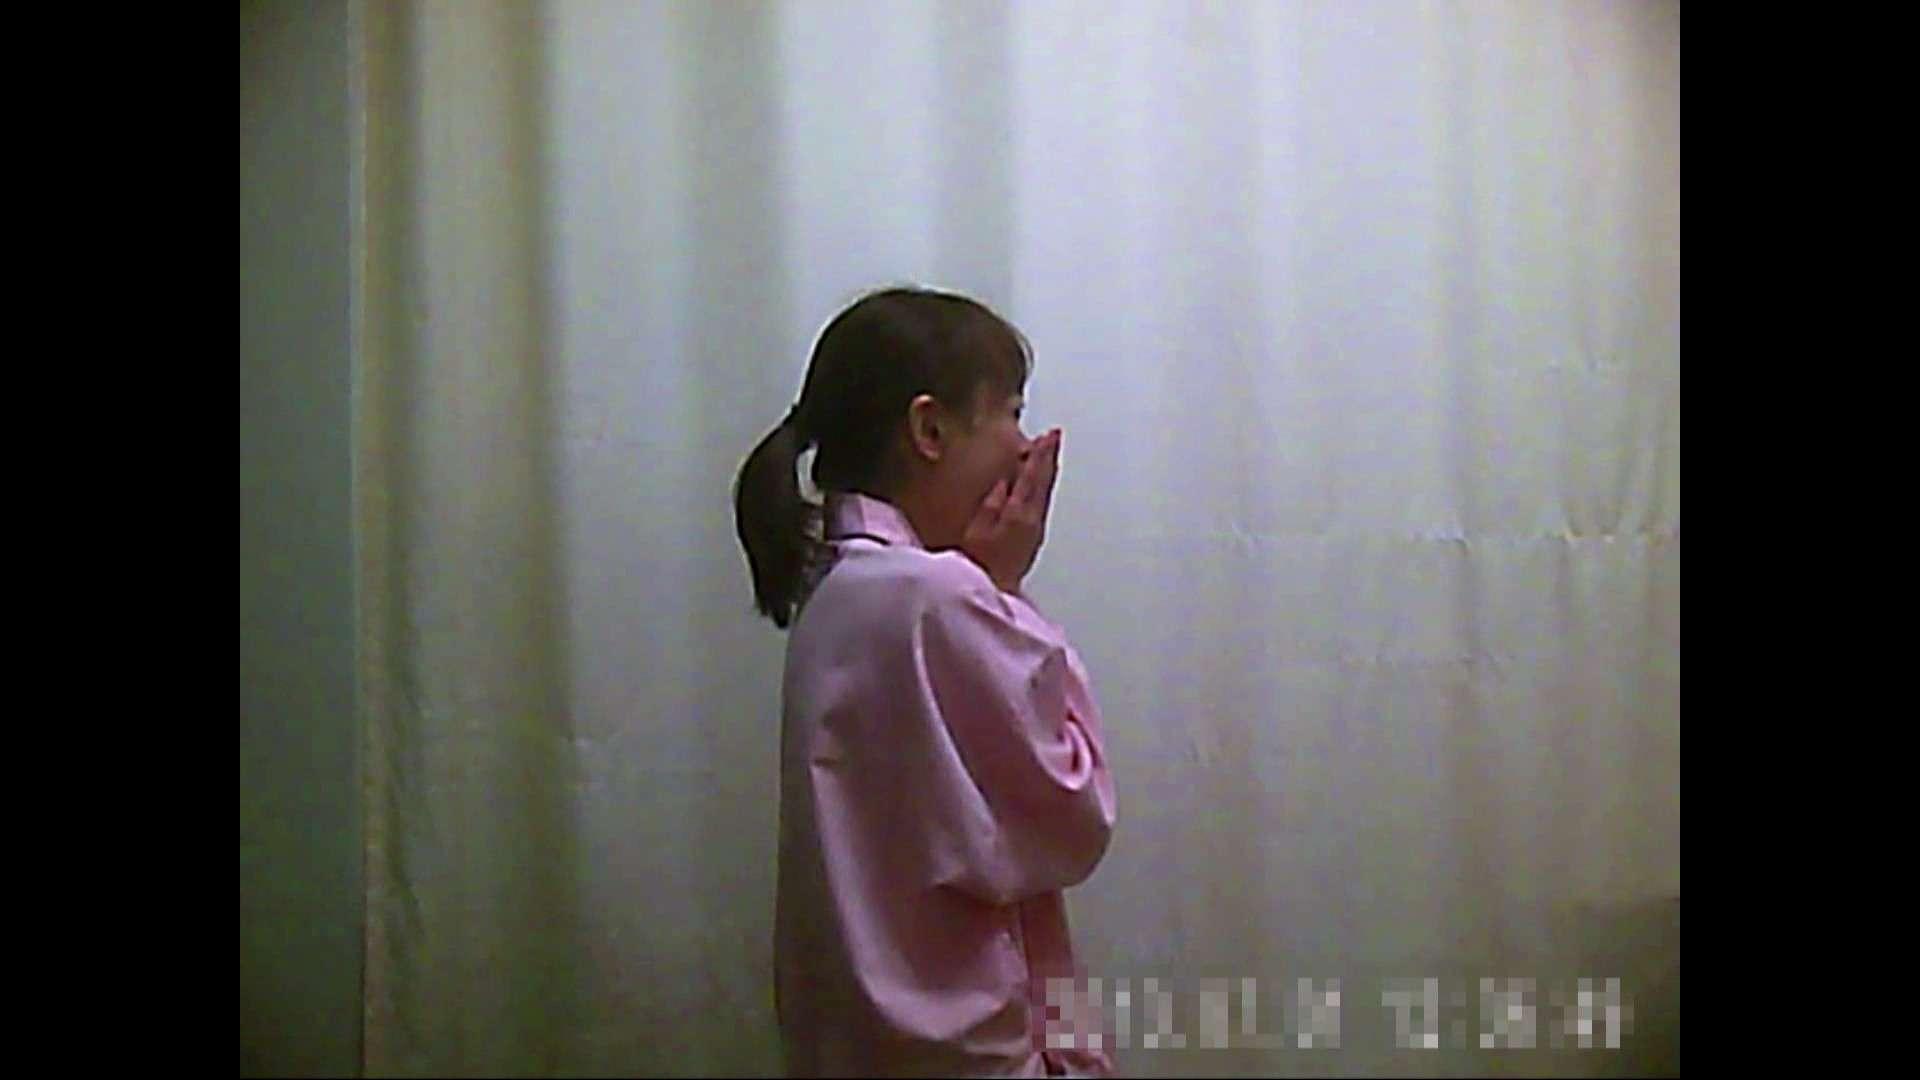 元医者による反抗 更衣室地獄絵巻 vol.039 ギャル達 オメコ動画キャプチャ 110枚 56